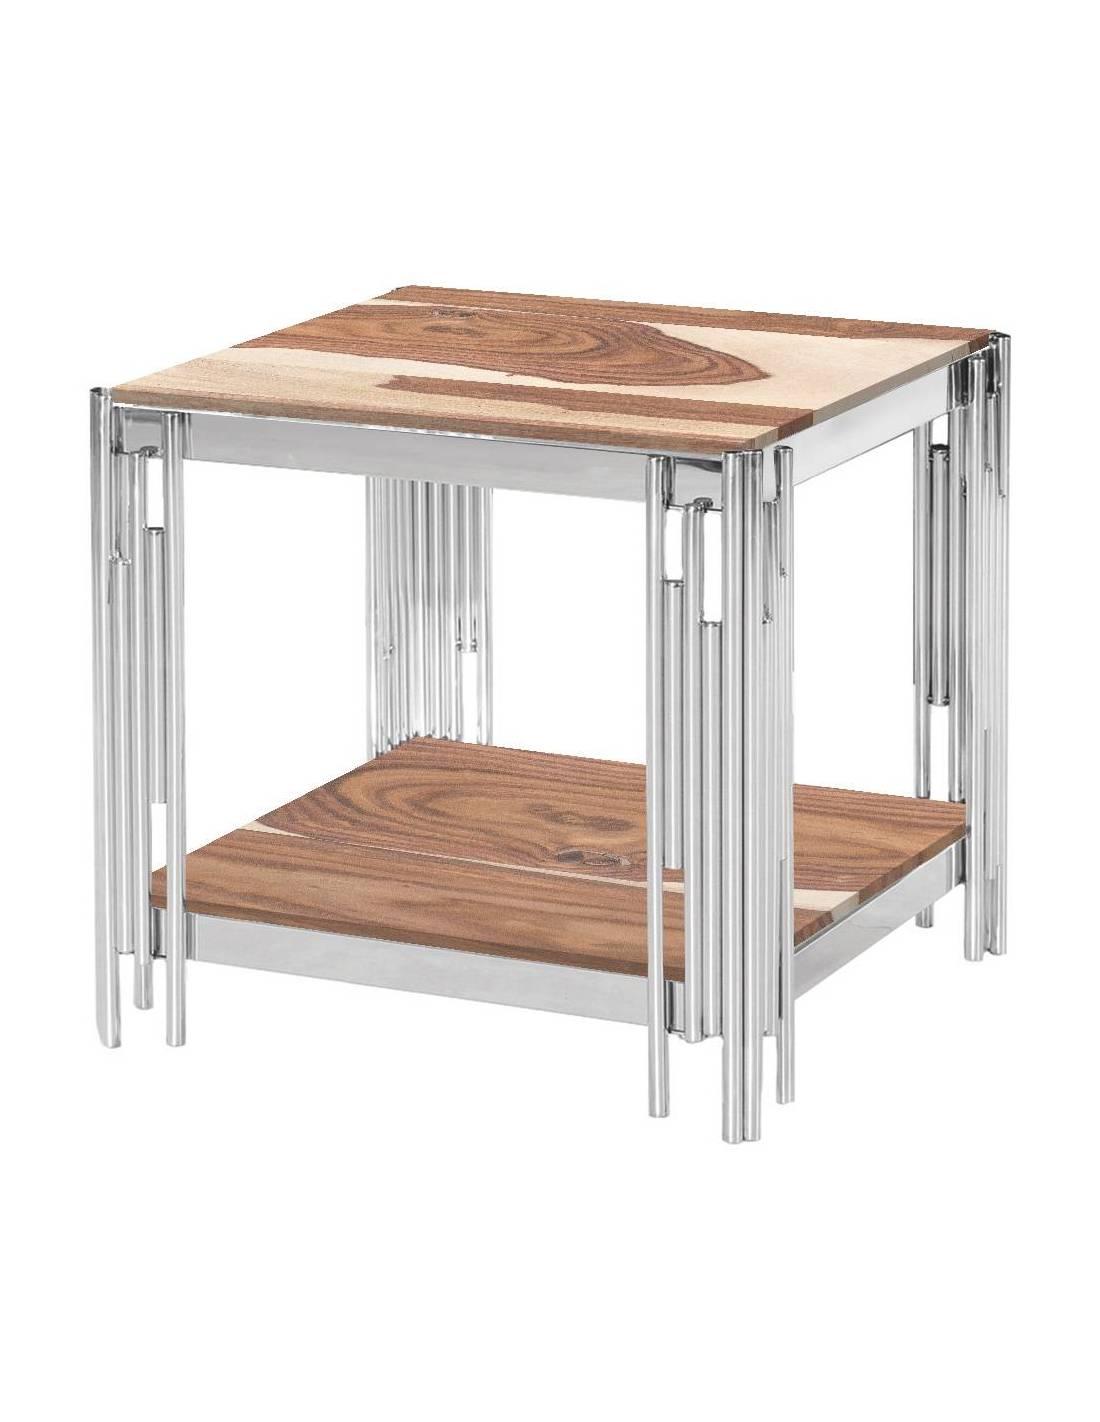 Metalowy stolik kawowy z narożnymi zdobieniami i drewnianymi blatami